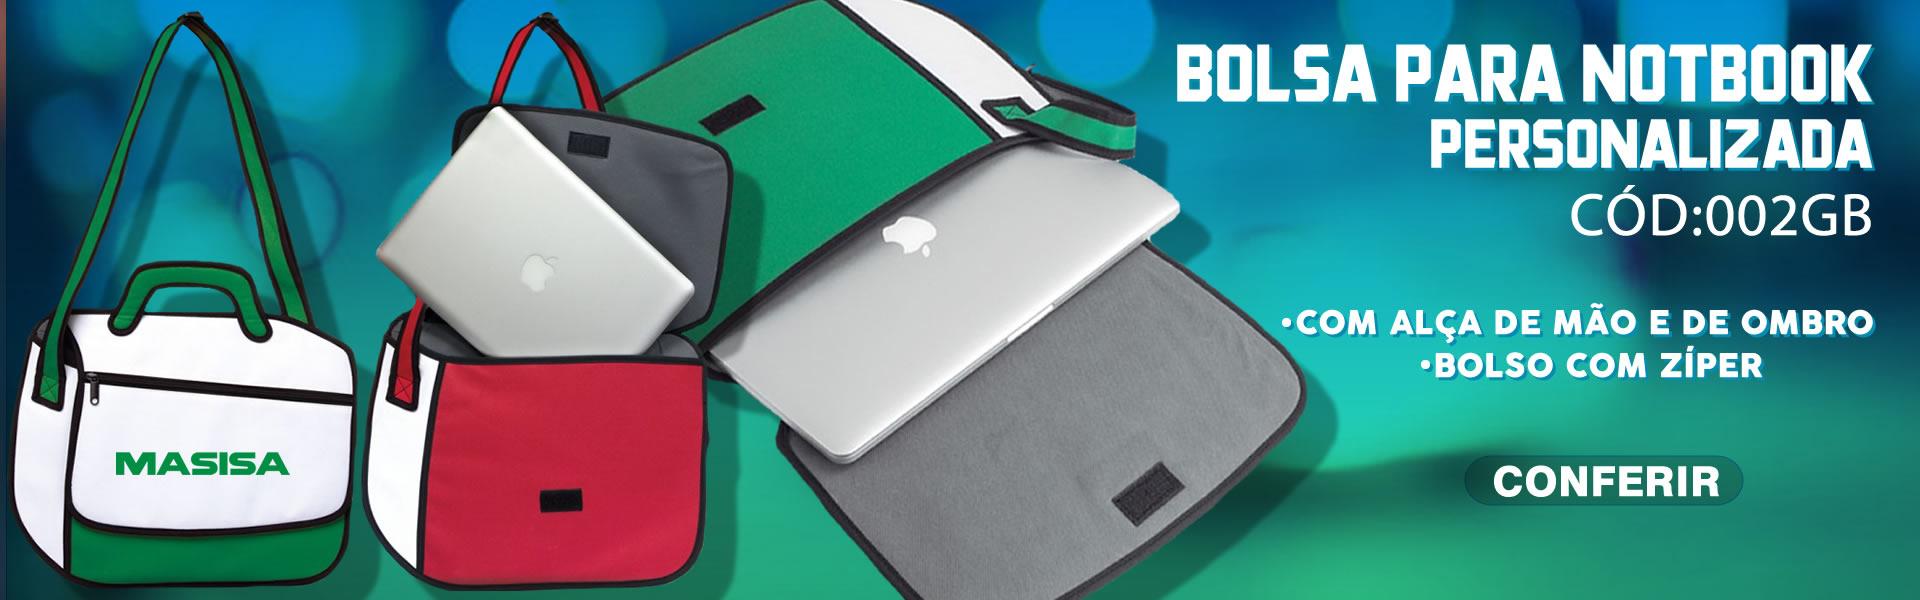 Bolsa para notebook Personalizada  002GB